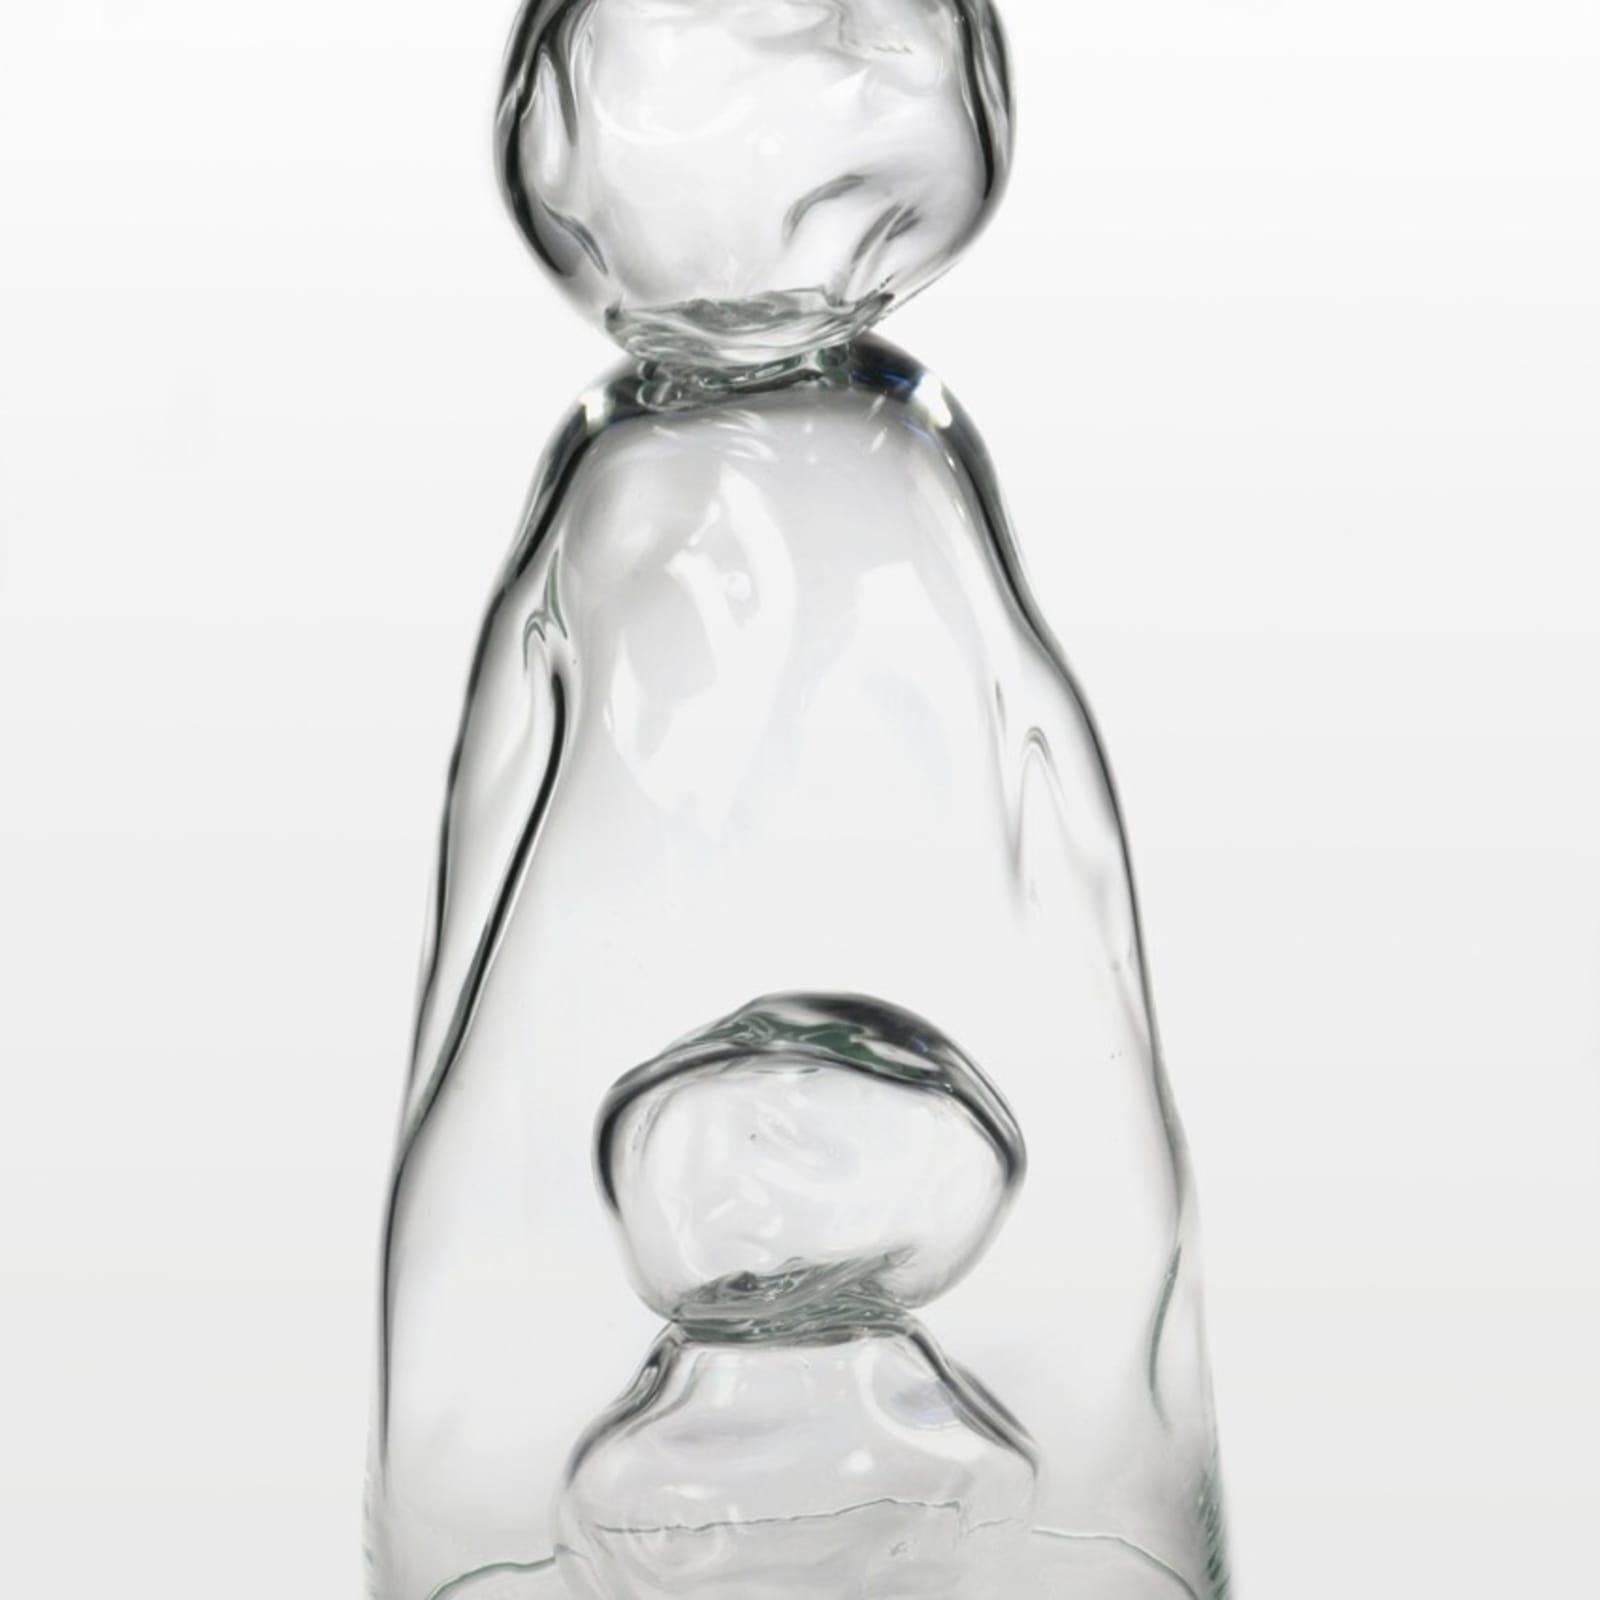 Tristano di Robilant  Sisifo Doppio, 2013  Glass  68 x 34 x 34 cm